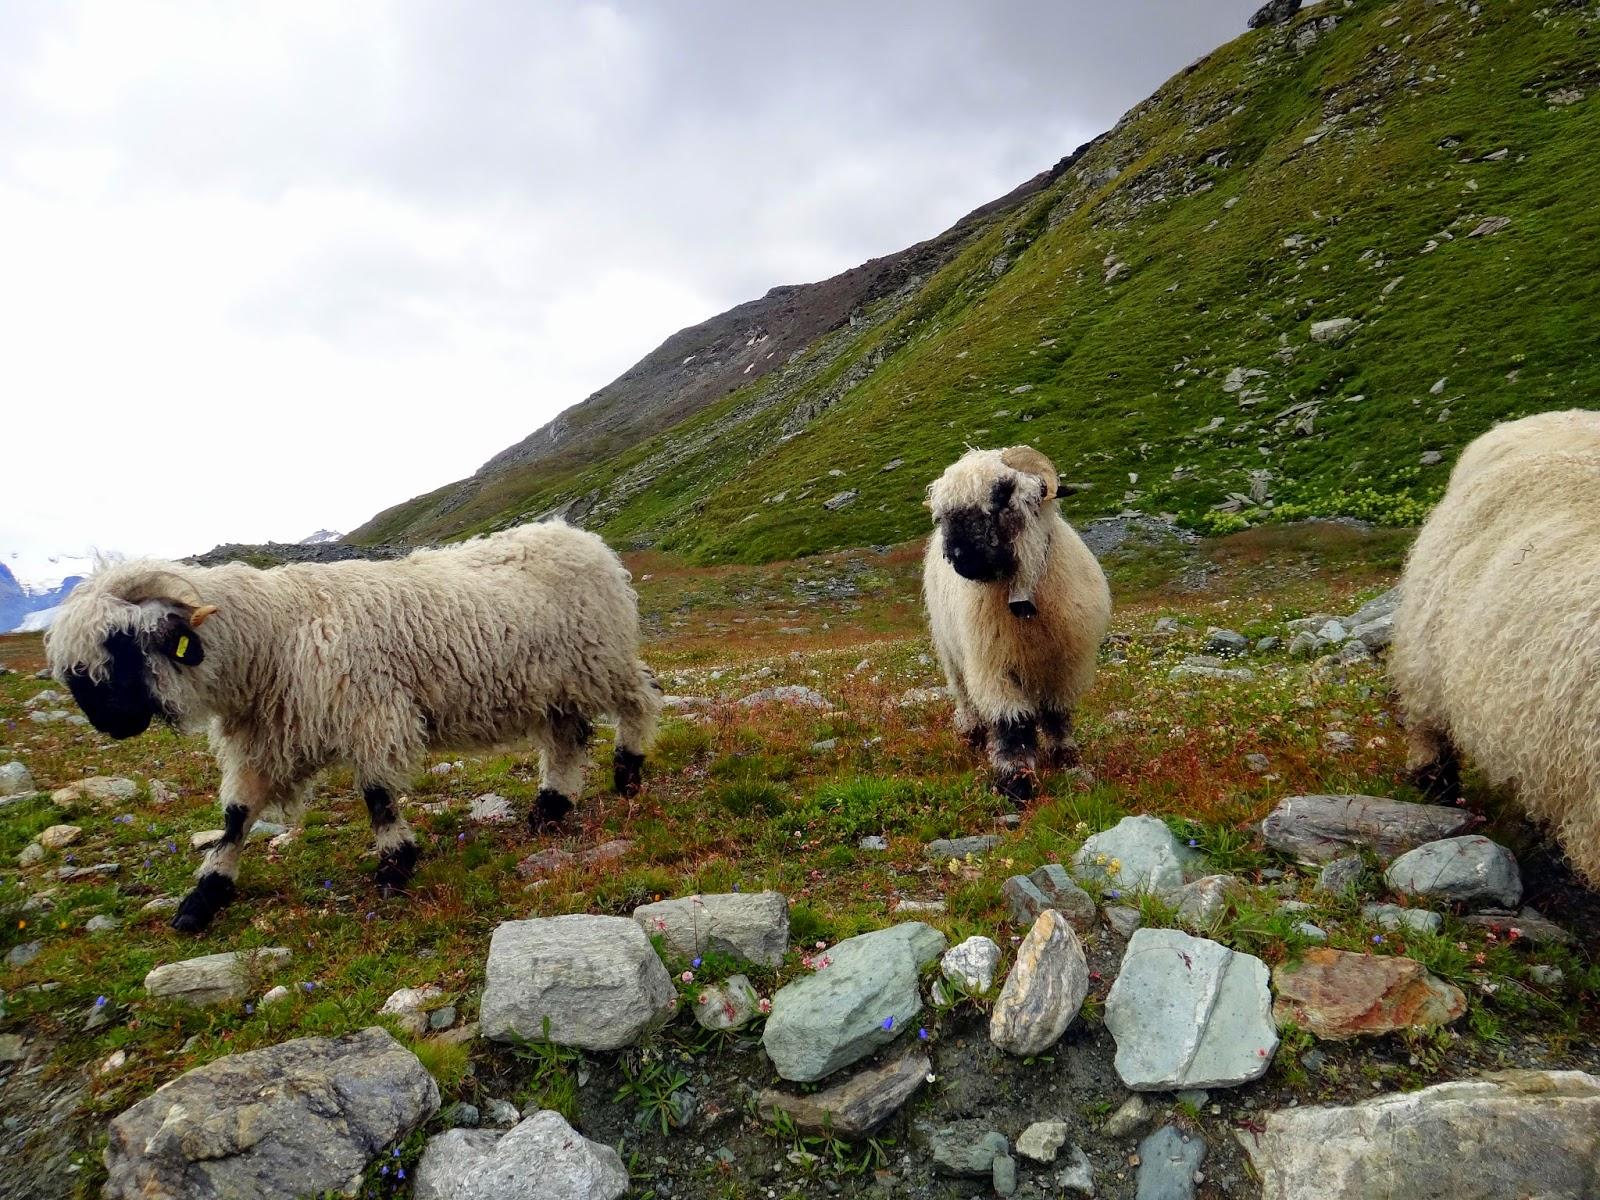 girl wanderlist: from nyc to herding sheep in switzerland